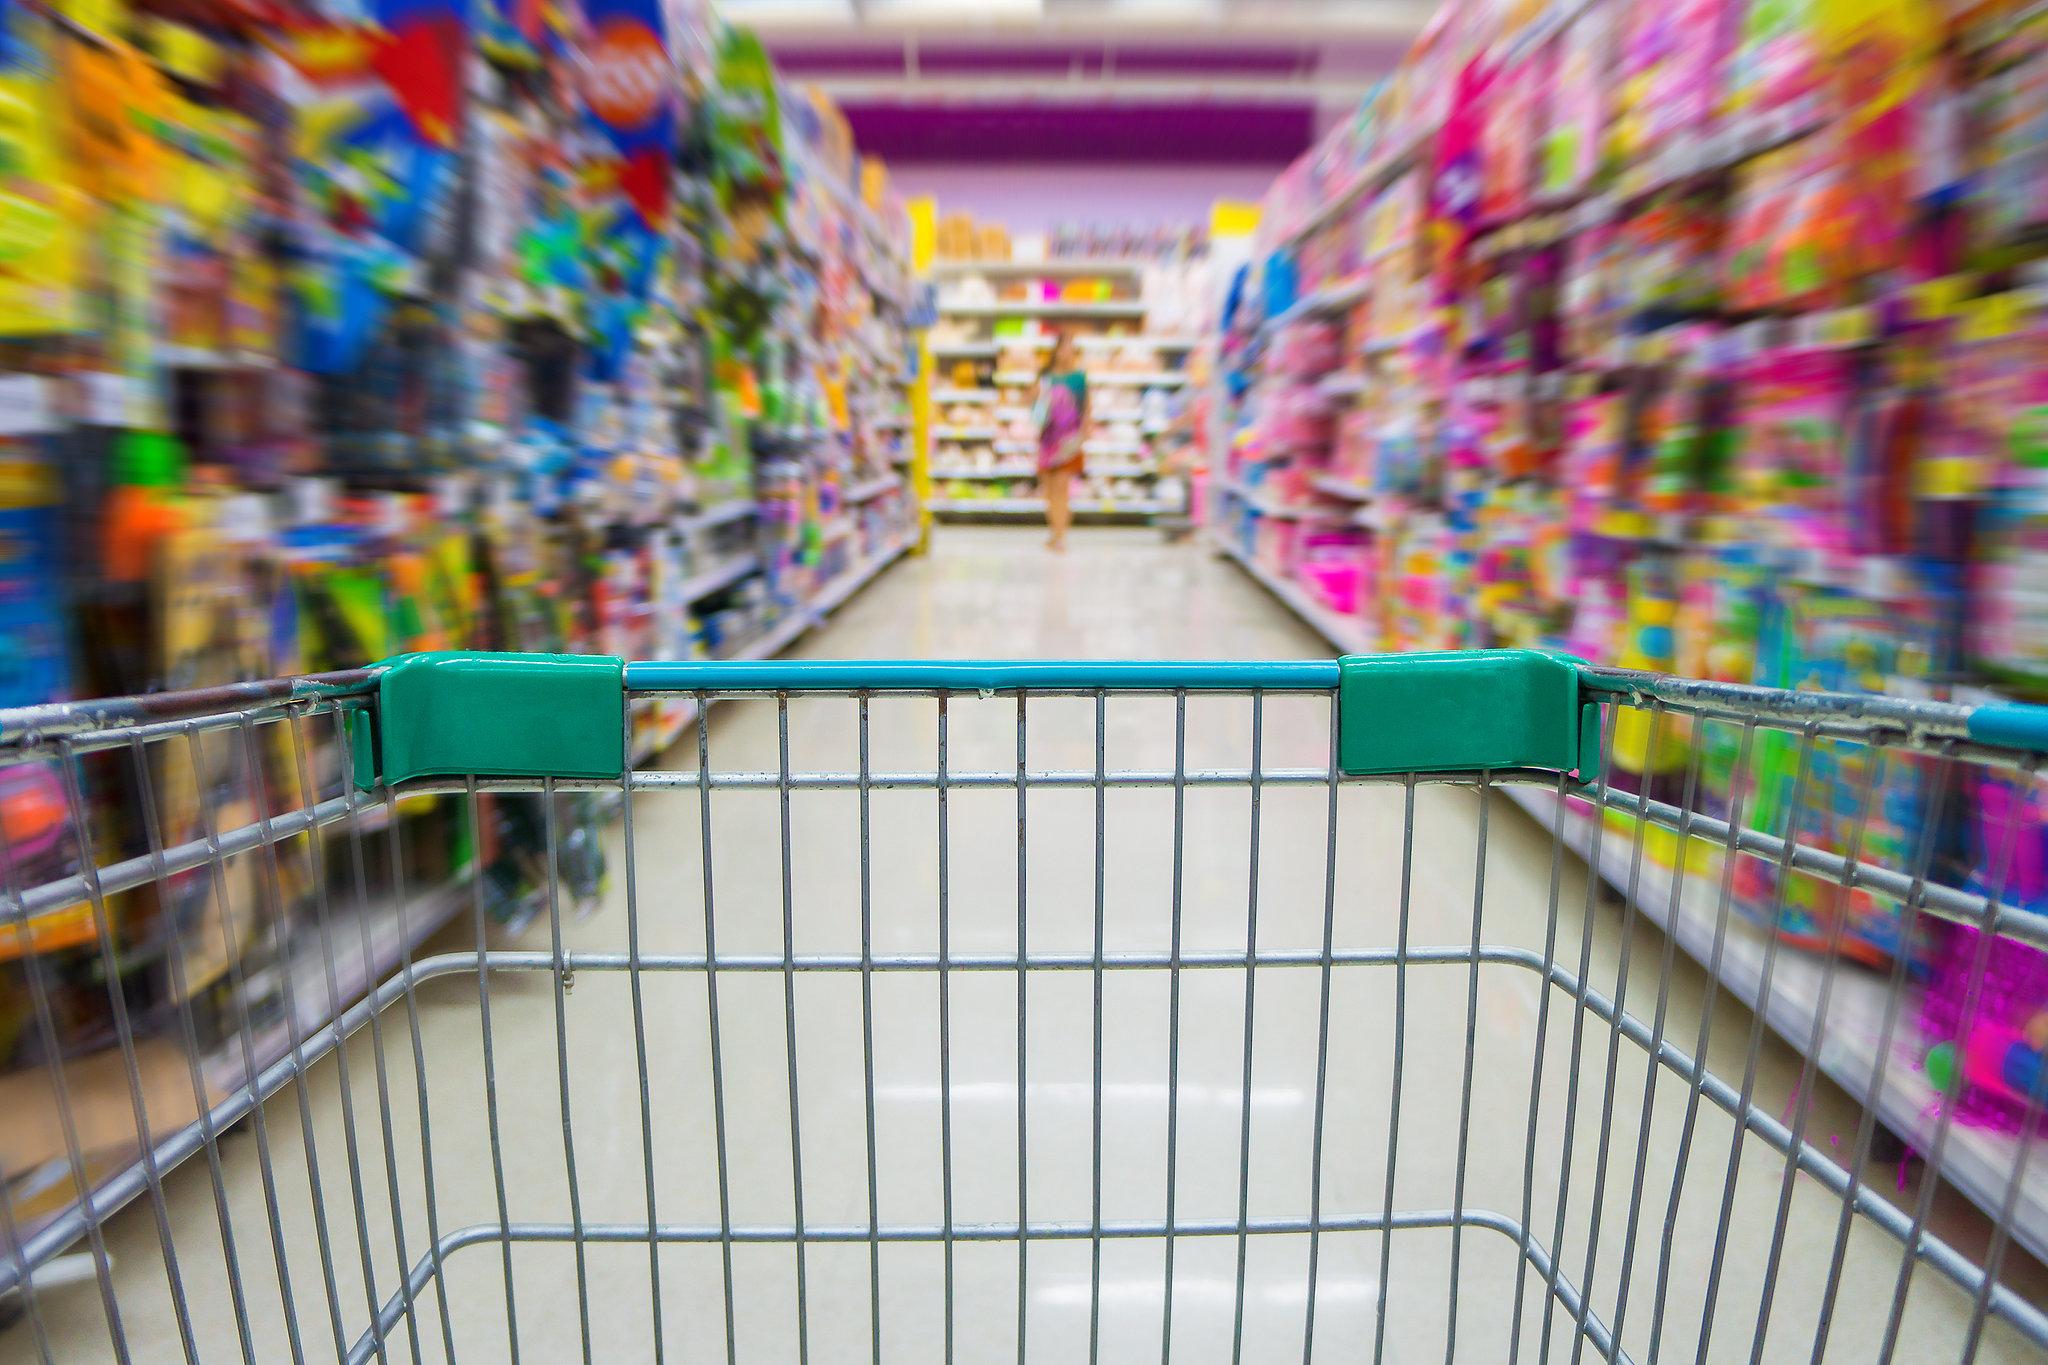 Target Toys For Girls : Target no longer using gender based labels on toys